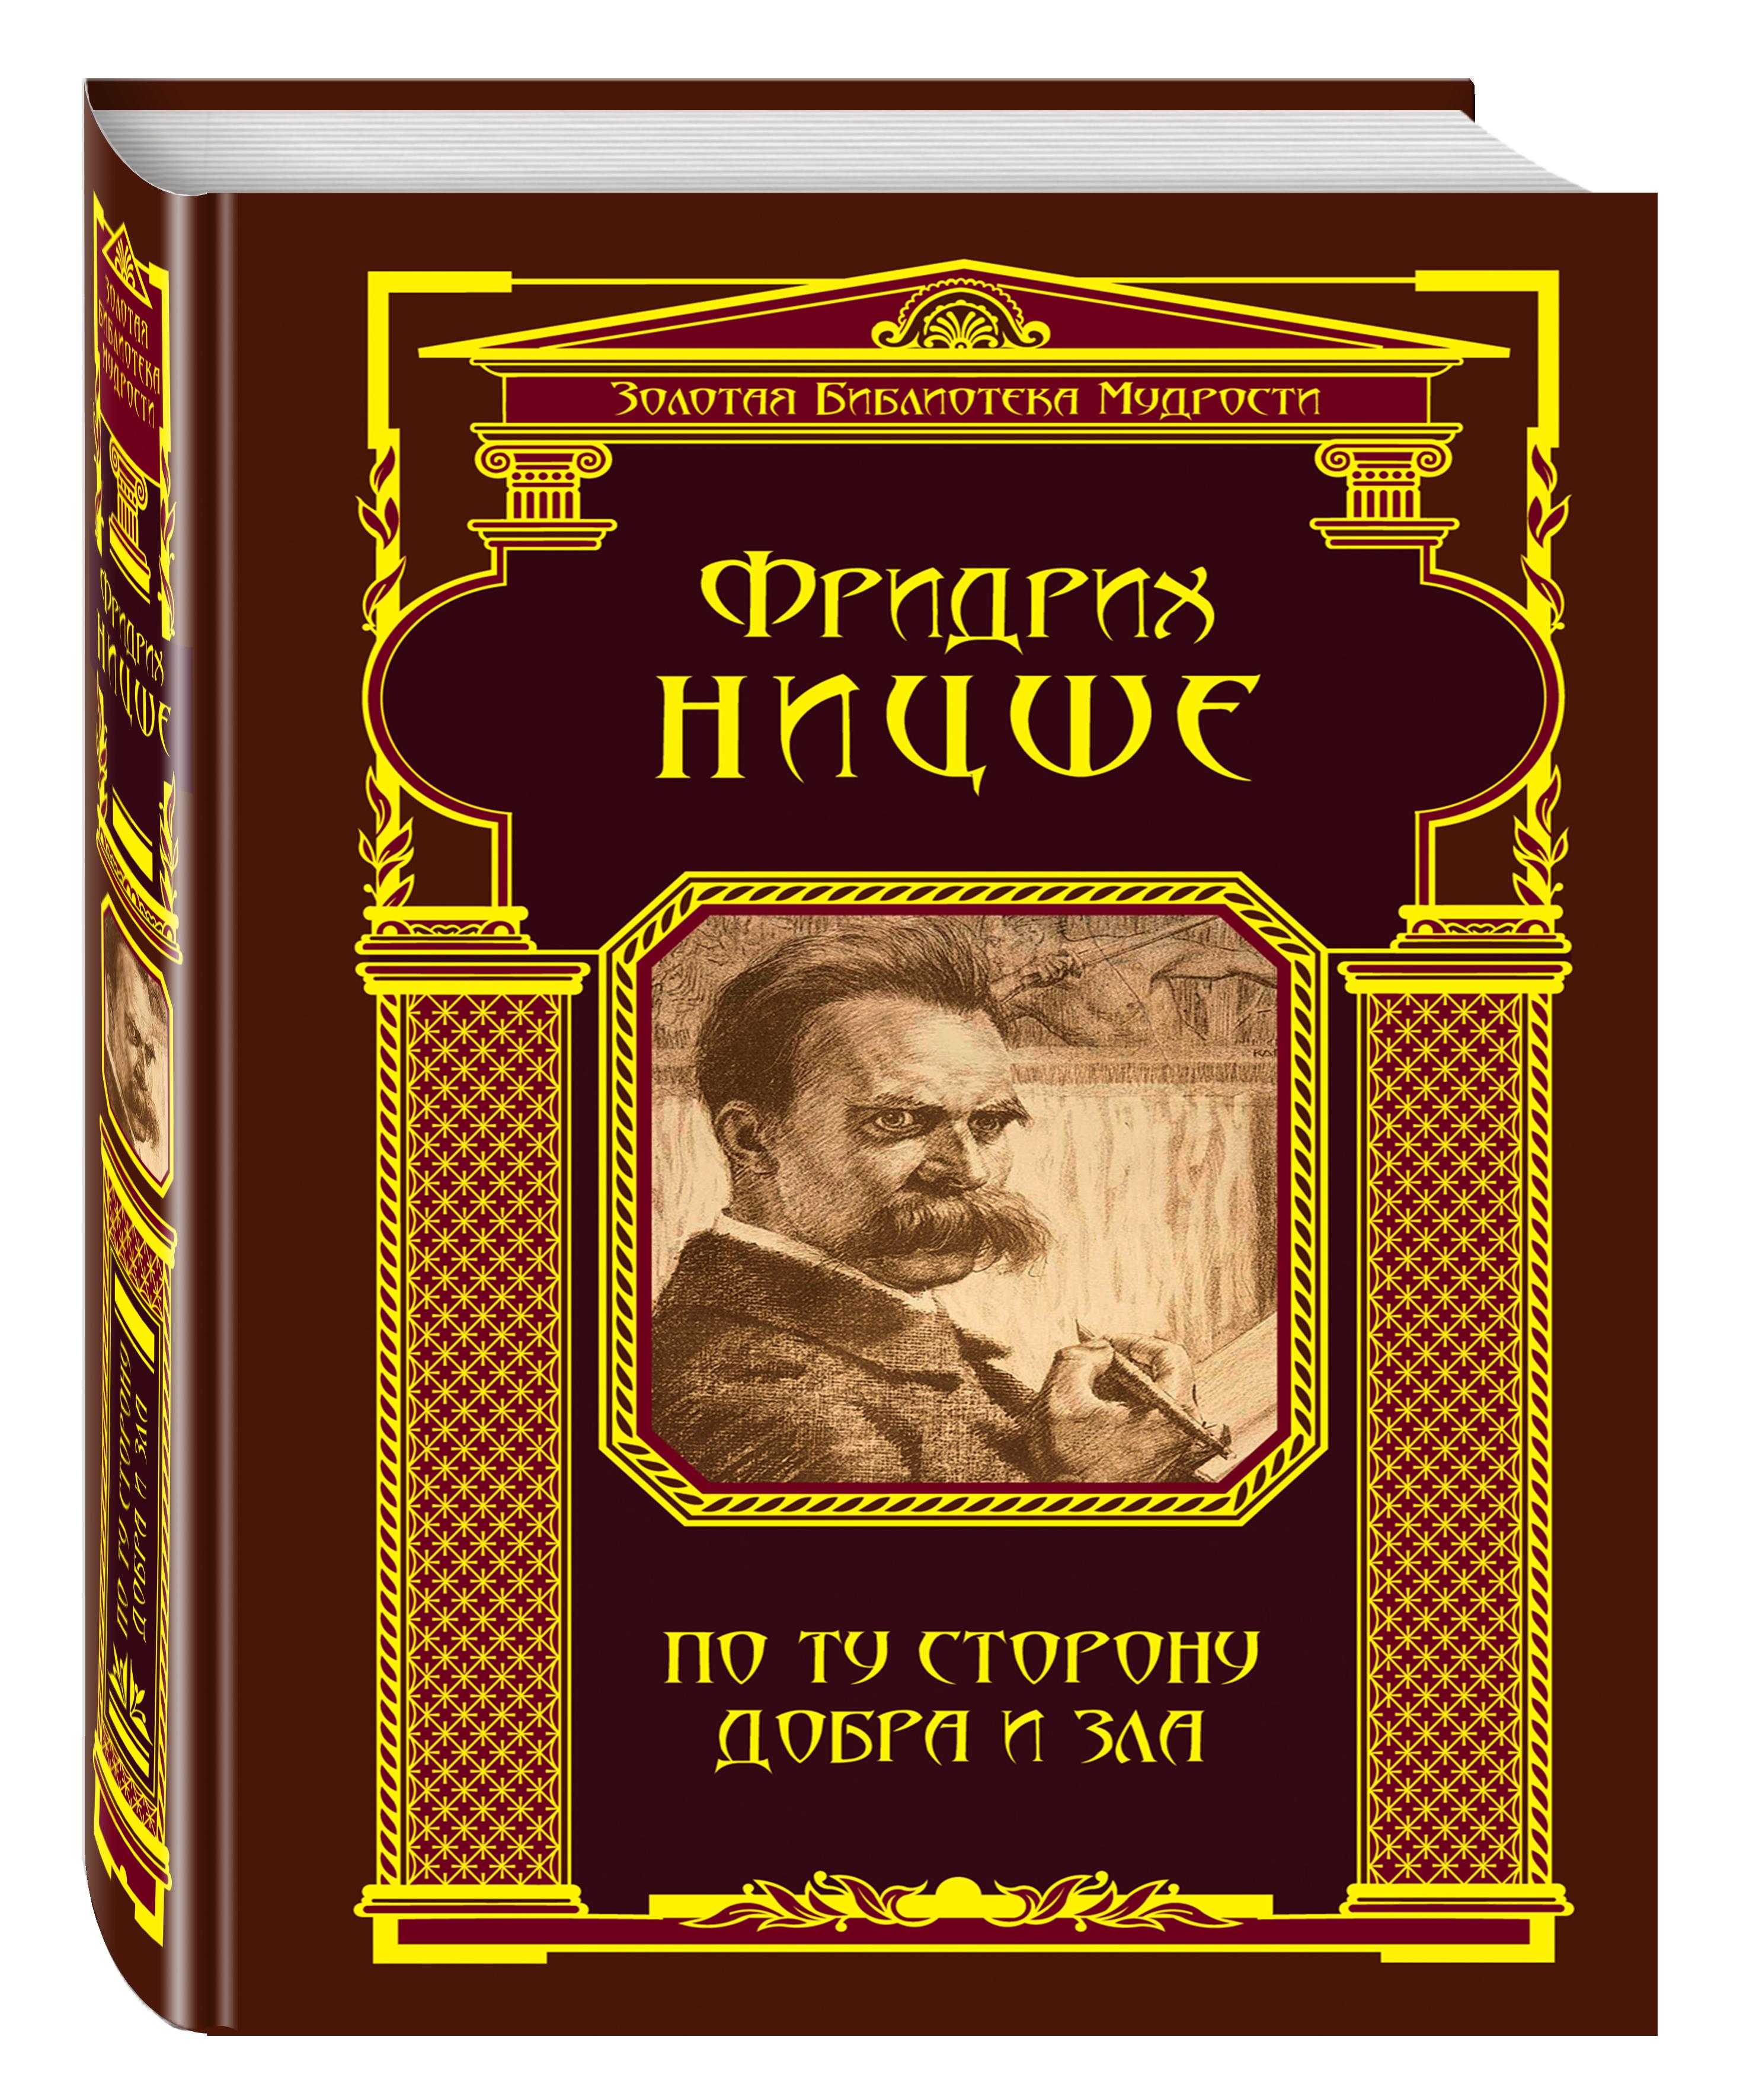 Ницше Ф.В. По ту сторону добра и зла (ЗБМ) книги эксмо по ту сторону добра и зла